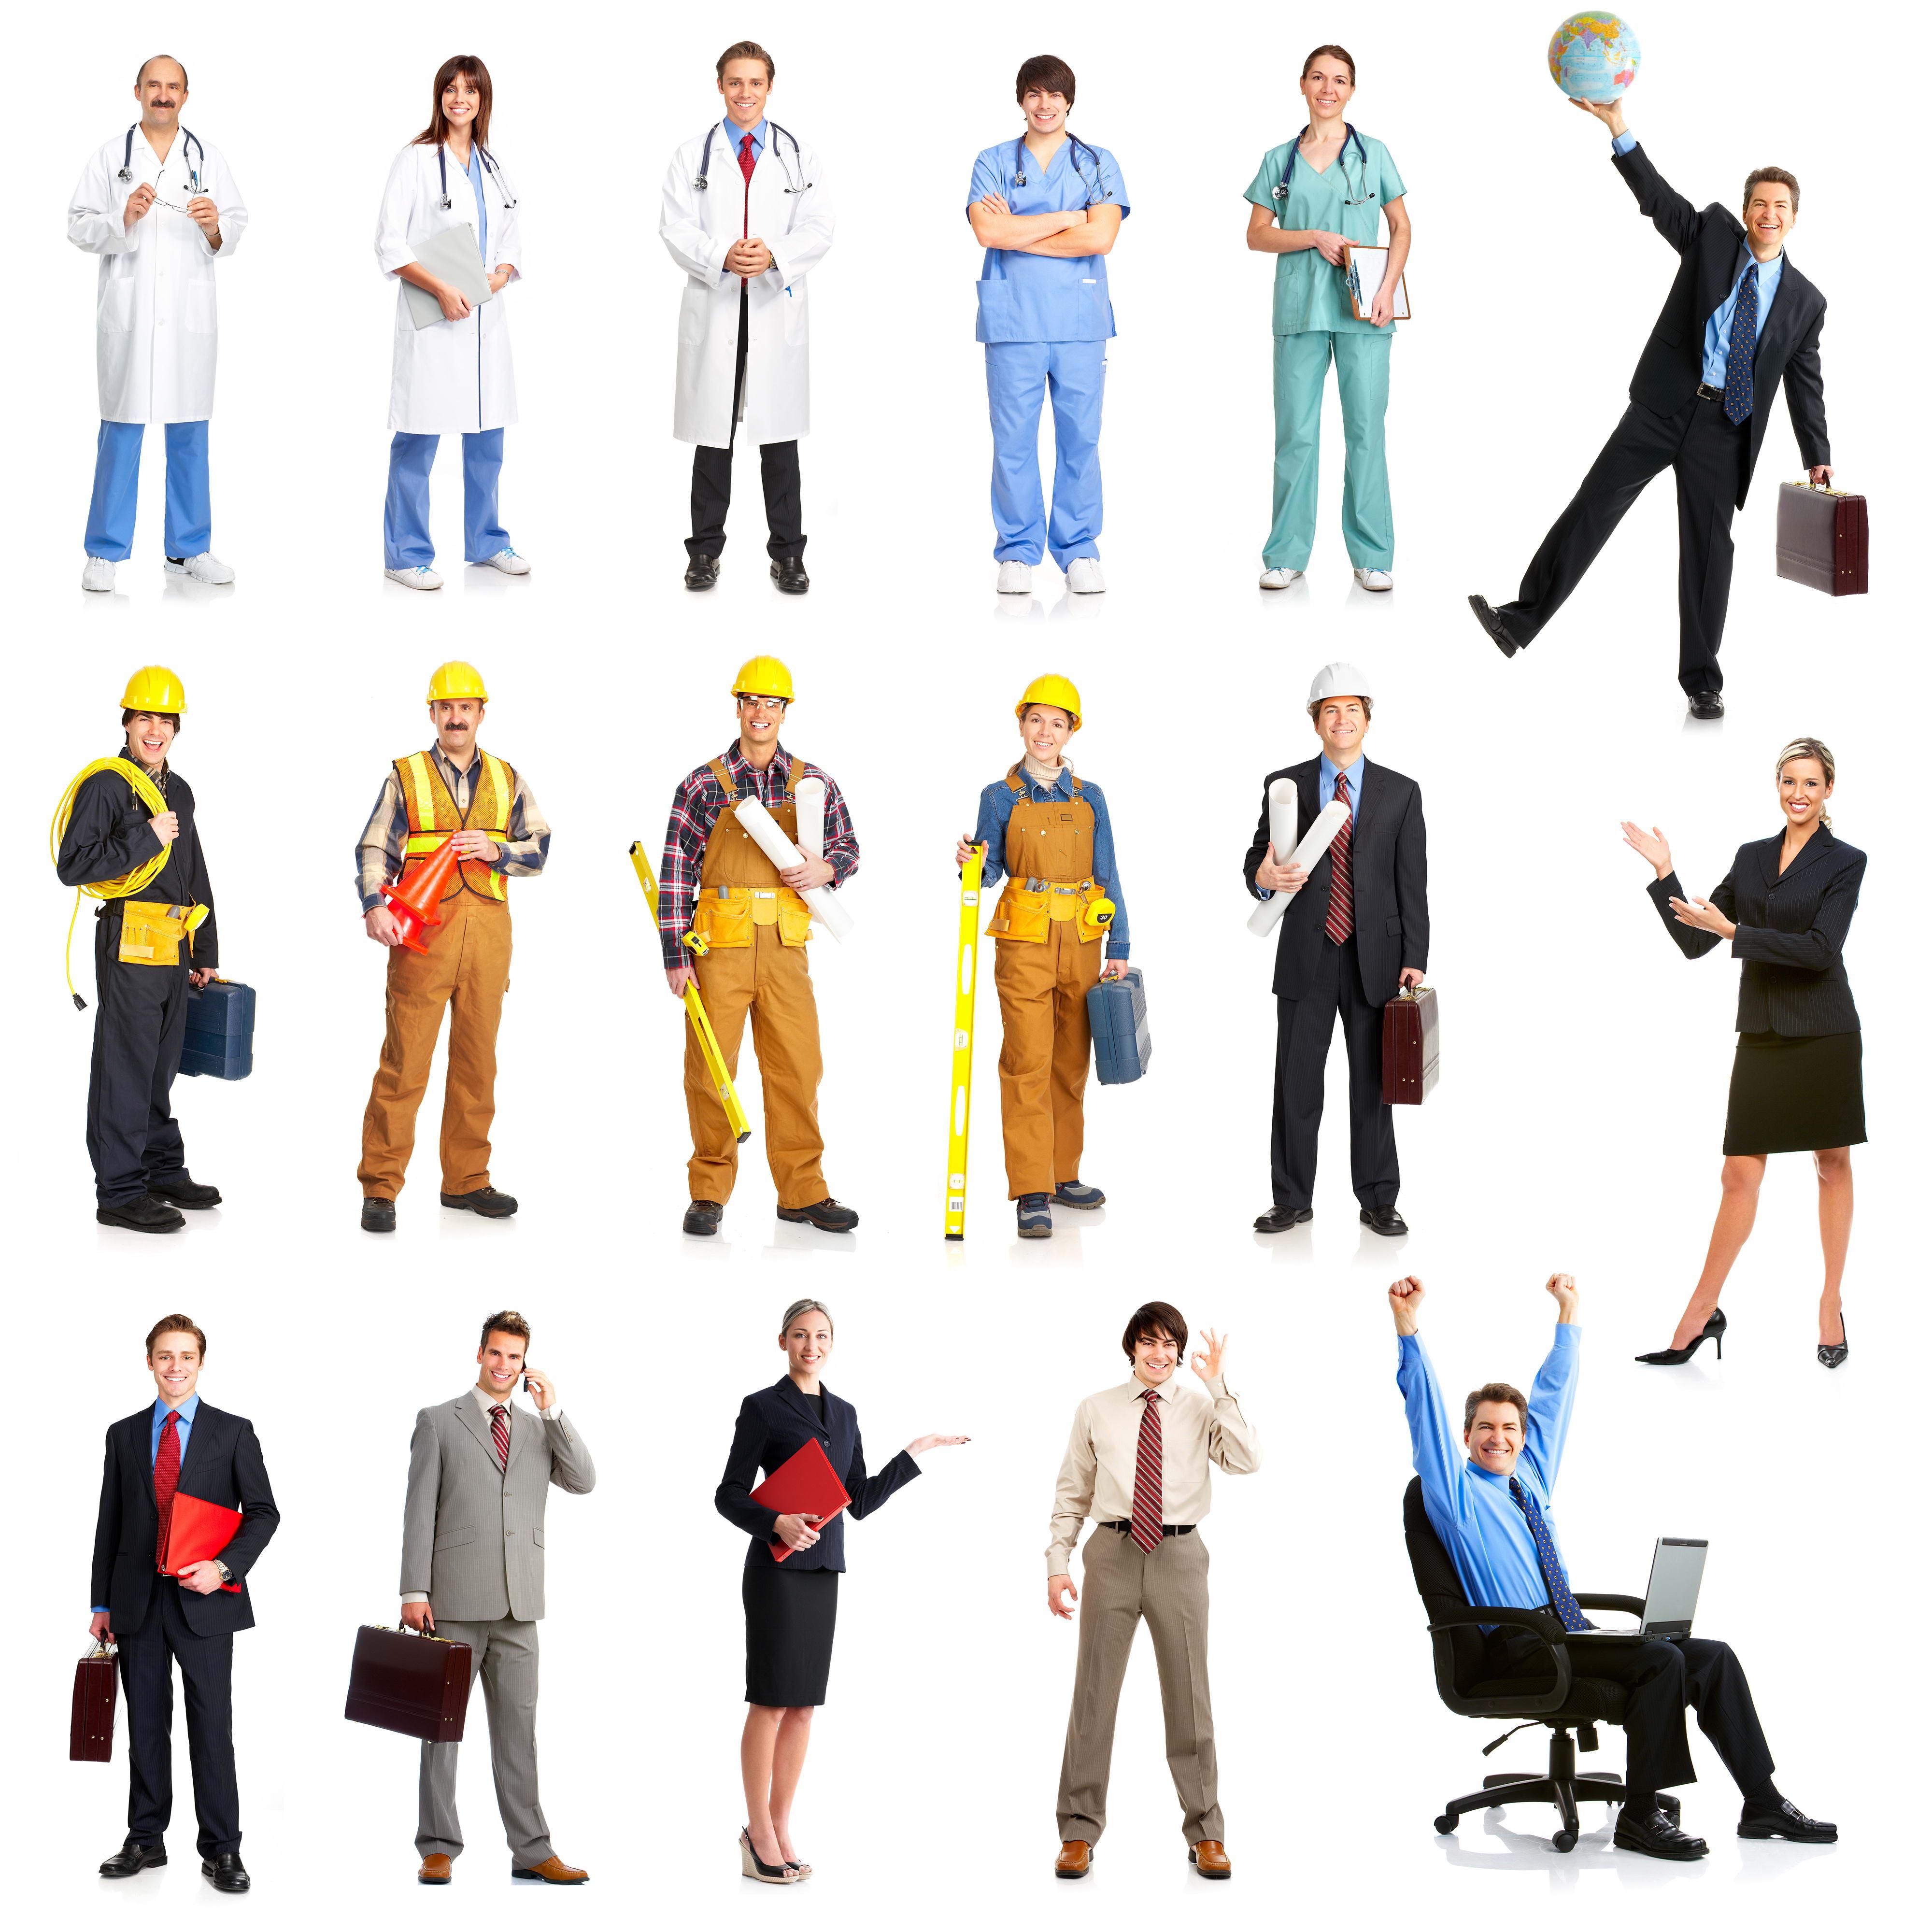 """Хмельницька обласна служба зайнятості запроваджує новий проект, який має назву """"Іменини професії"""" та спрямований на задоволення потреб молоді в отриманні якісної професійної інформації та профорієнтаційних послуг"""